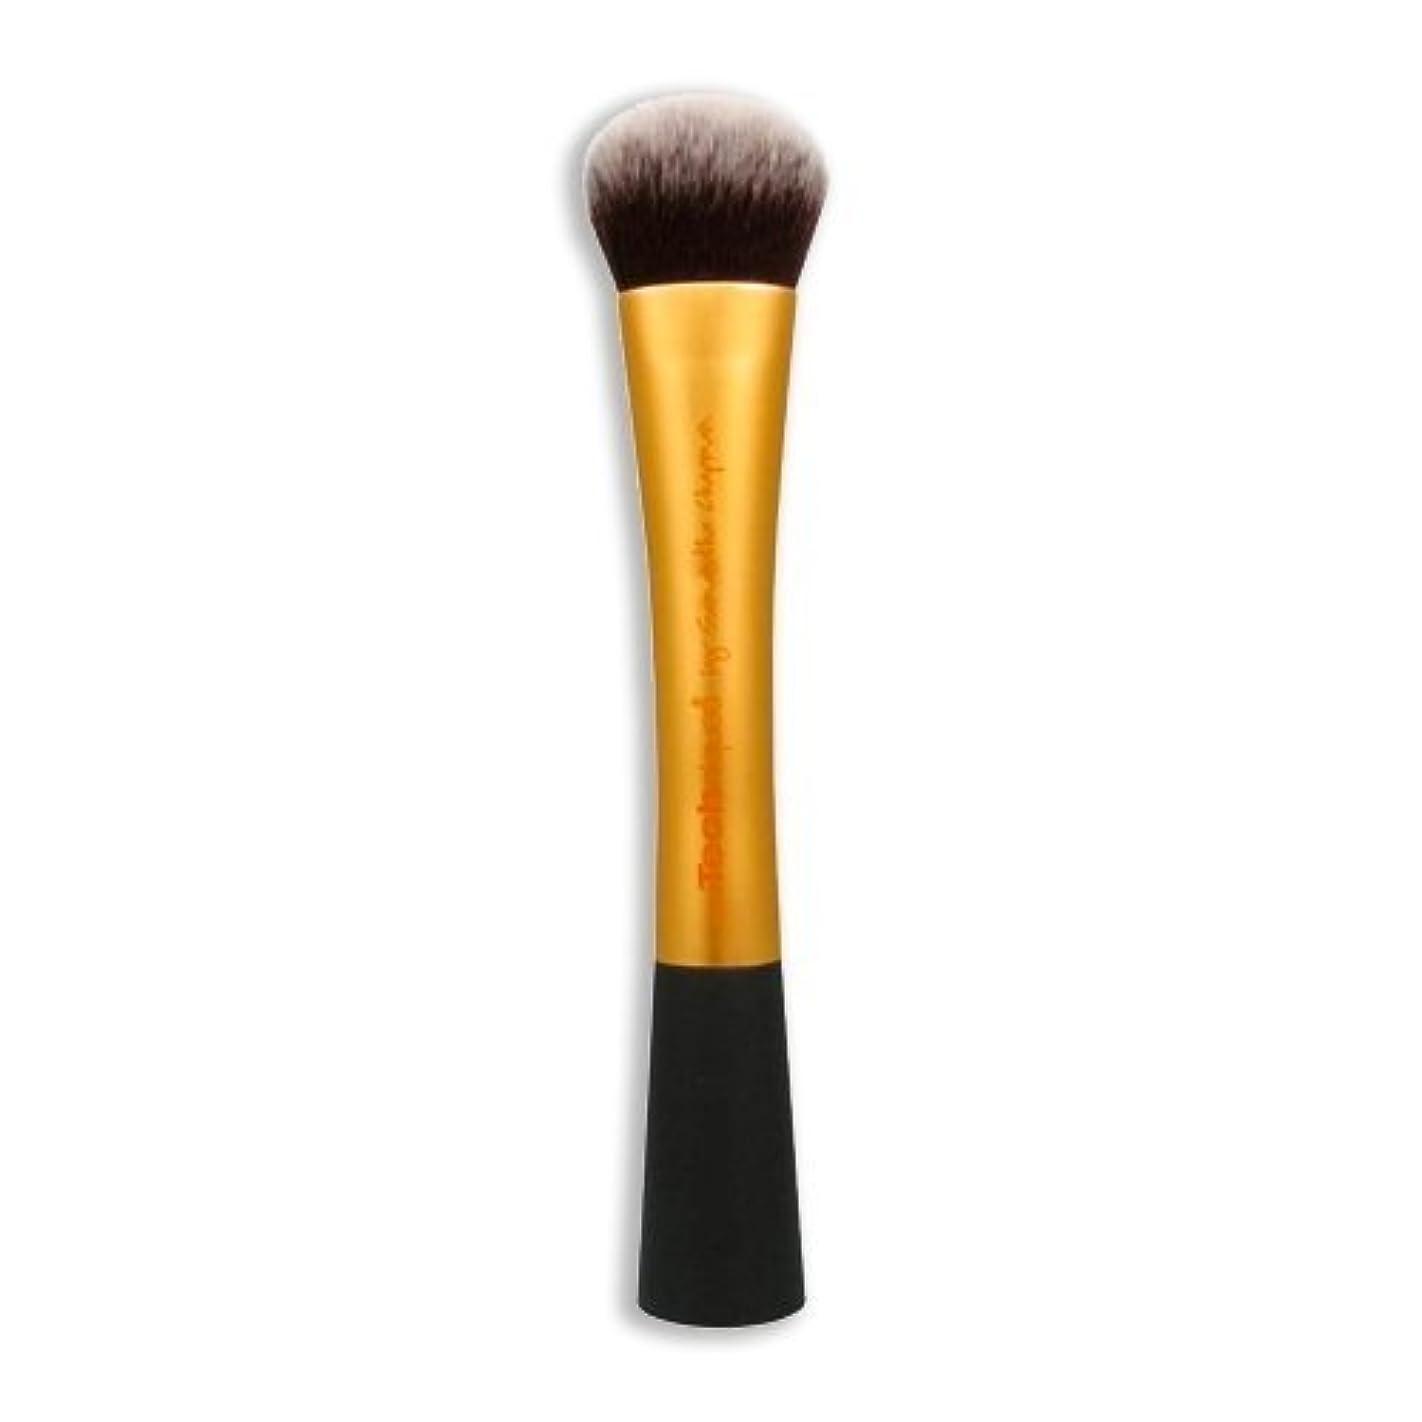 ウィザードロール解明するReal Techniques Expert Face Brush - Expert Face Brush (並行輸入品)